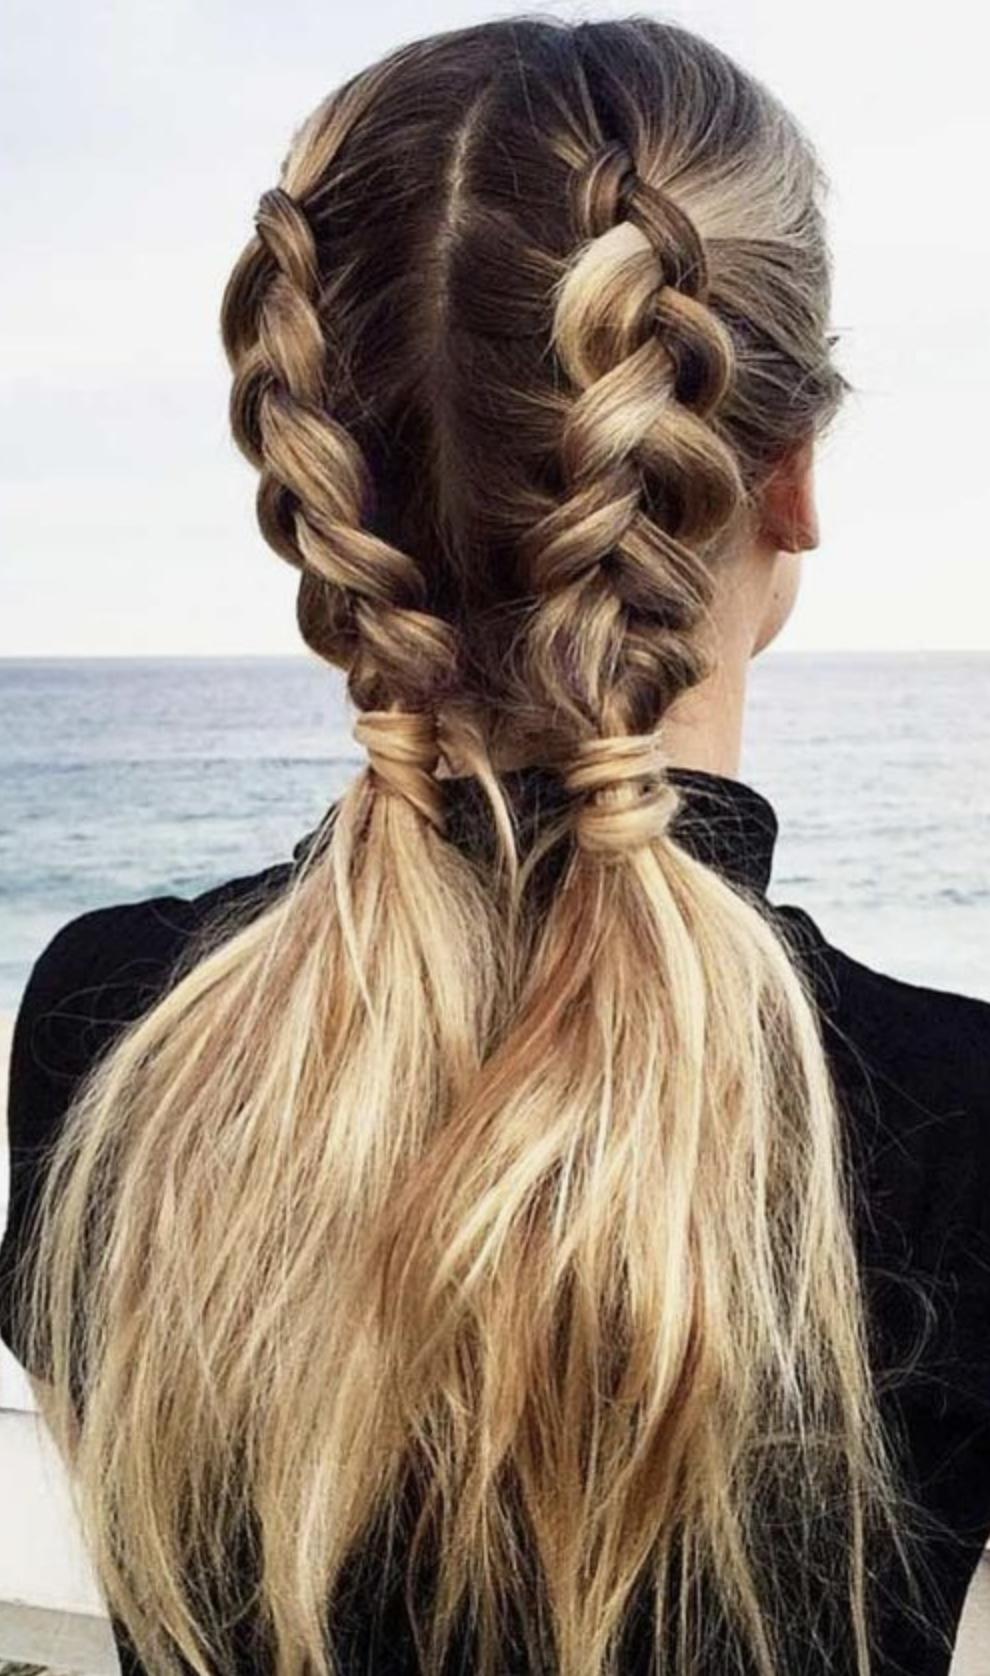 Bu Kış Saçlarınızı Balıksırtı Örgüsü İle Örün